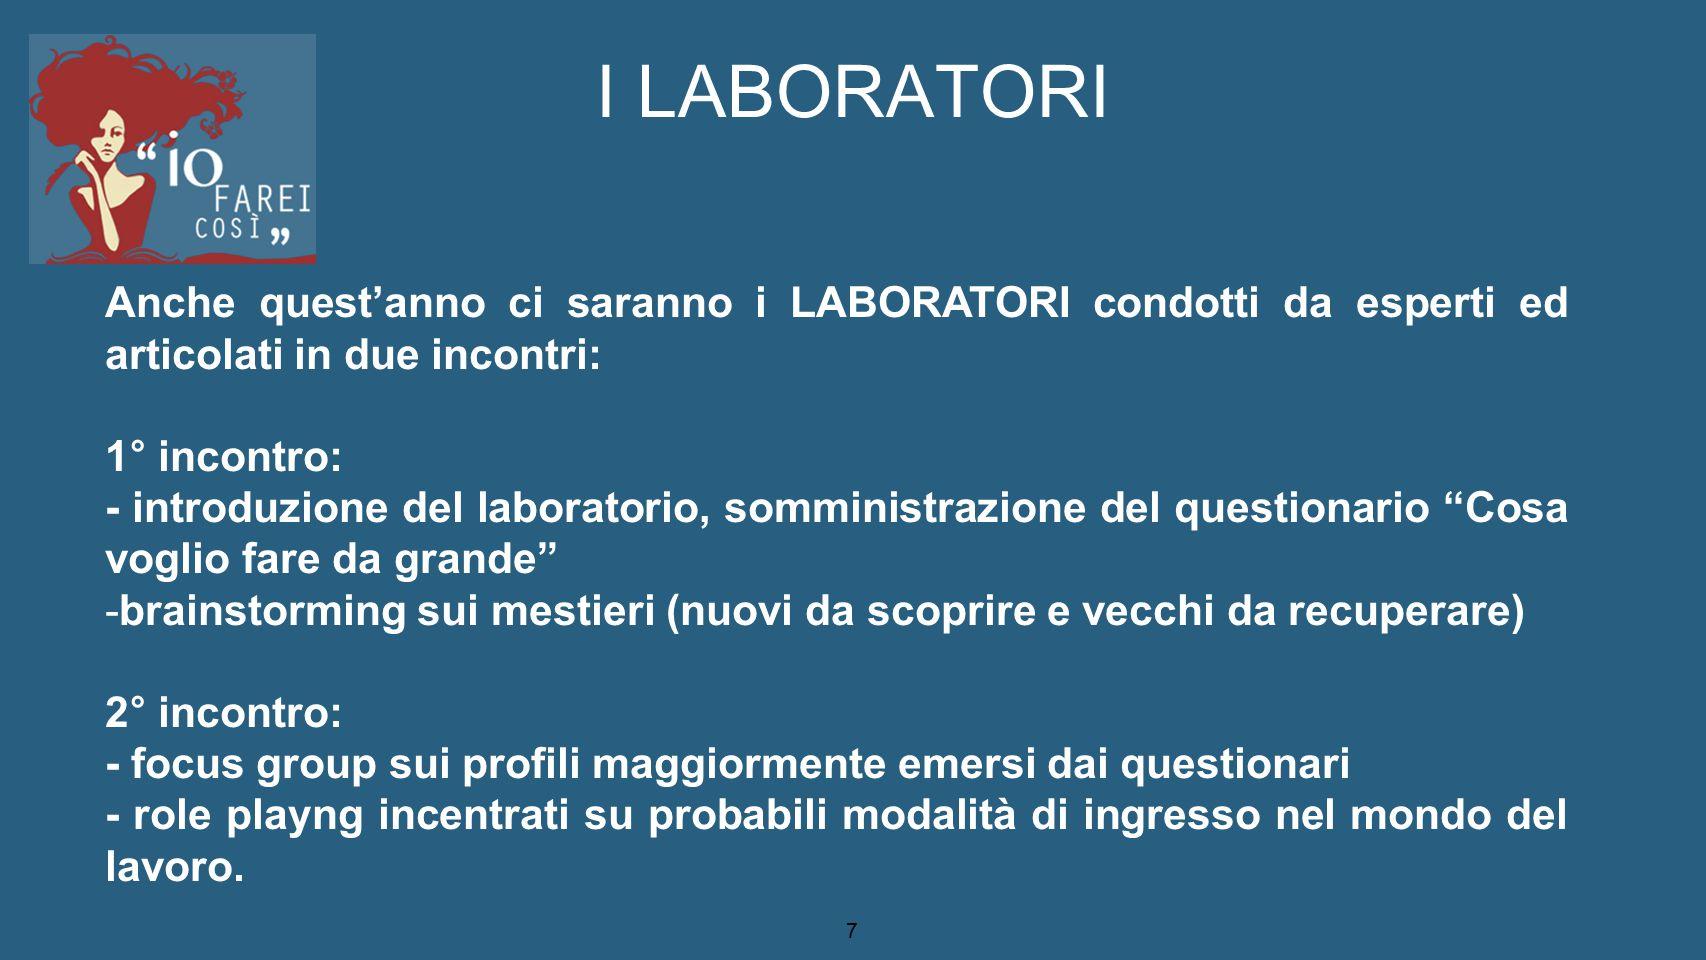 7 I LABORATORI Anche quest'anno ci saranno i LABORATORI condotti da esperti ed articolati in due incontri: 1° incontro: - introduzione del laboratorio